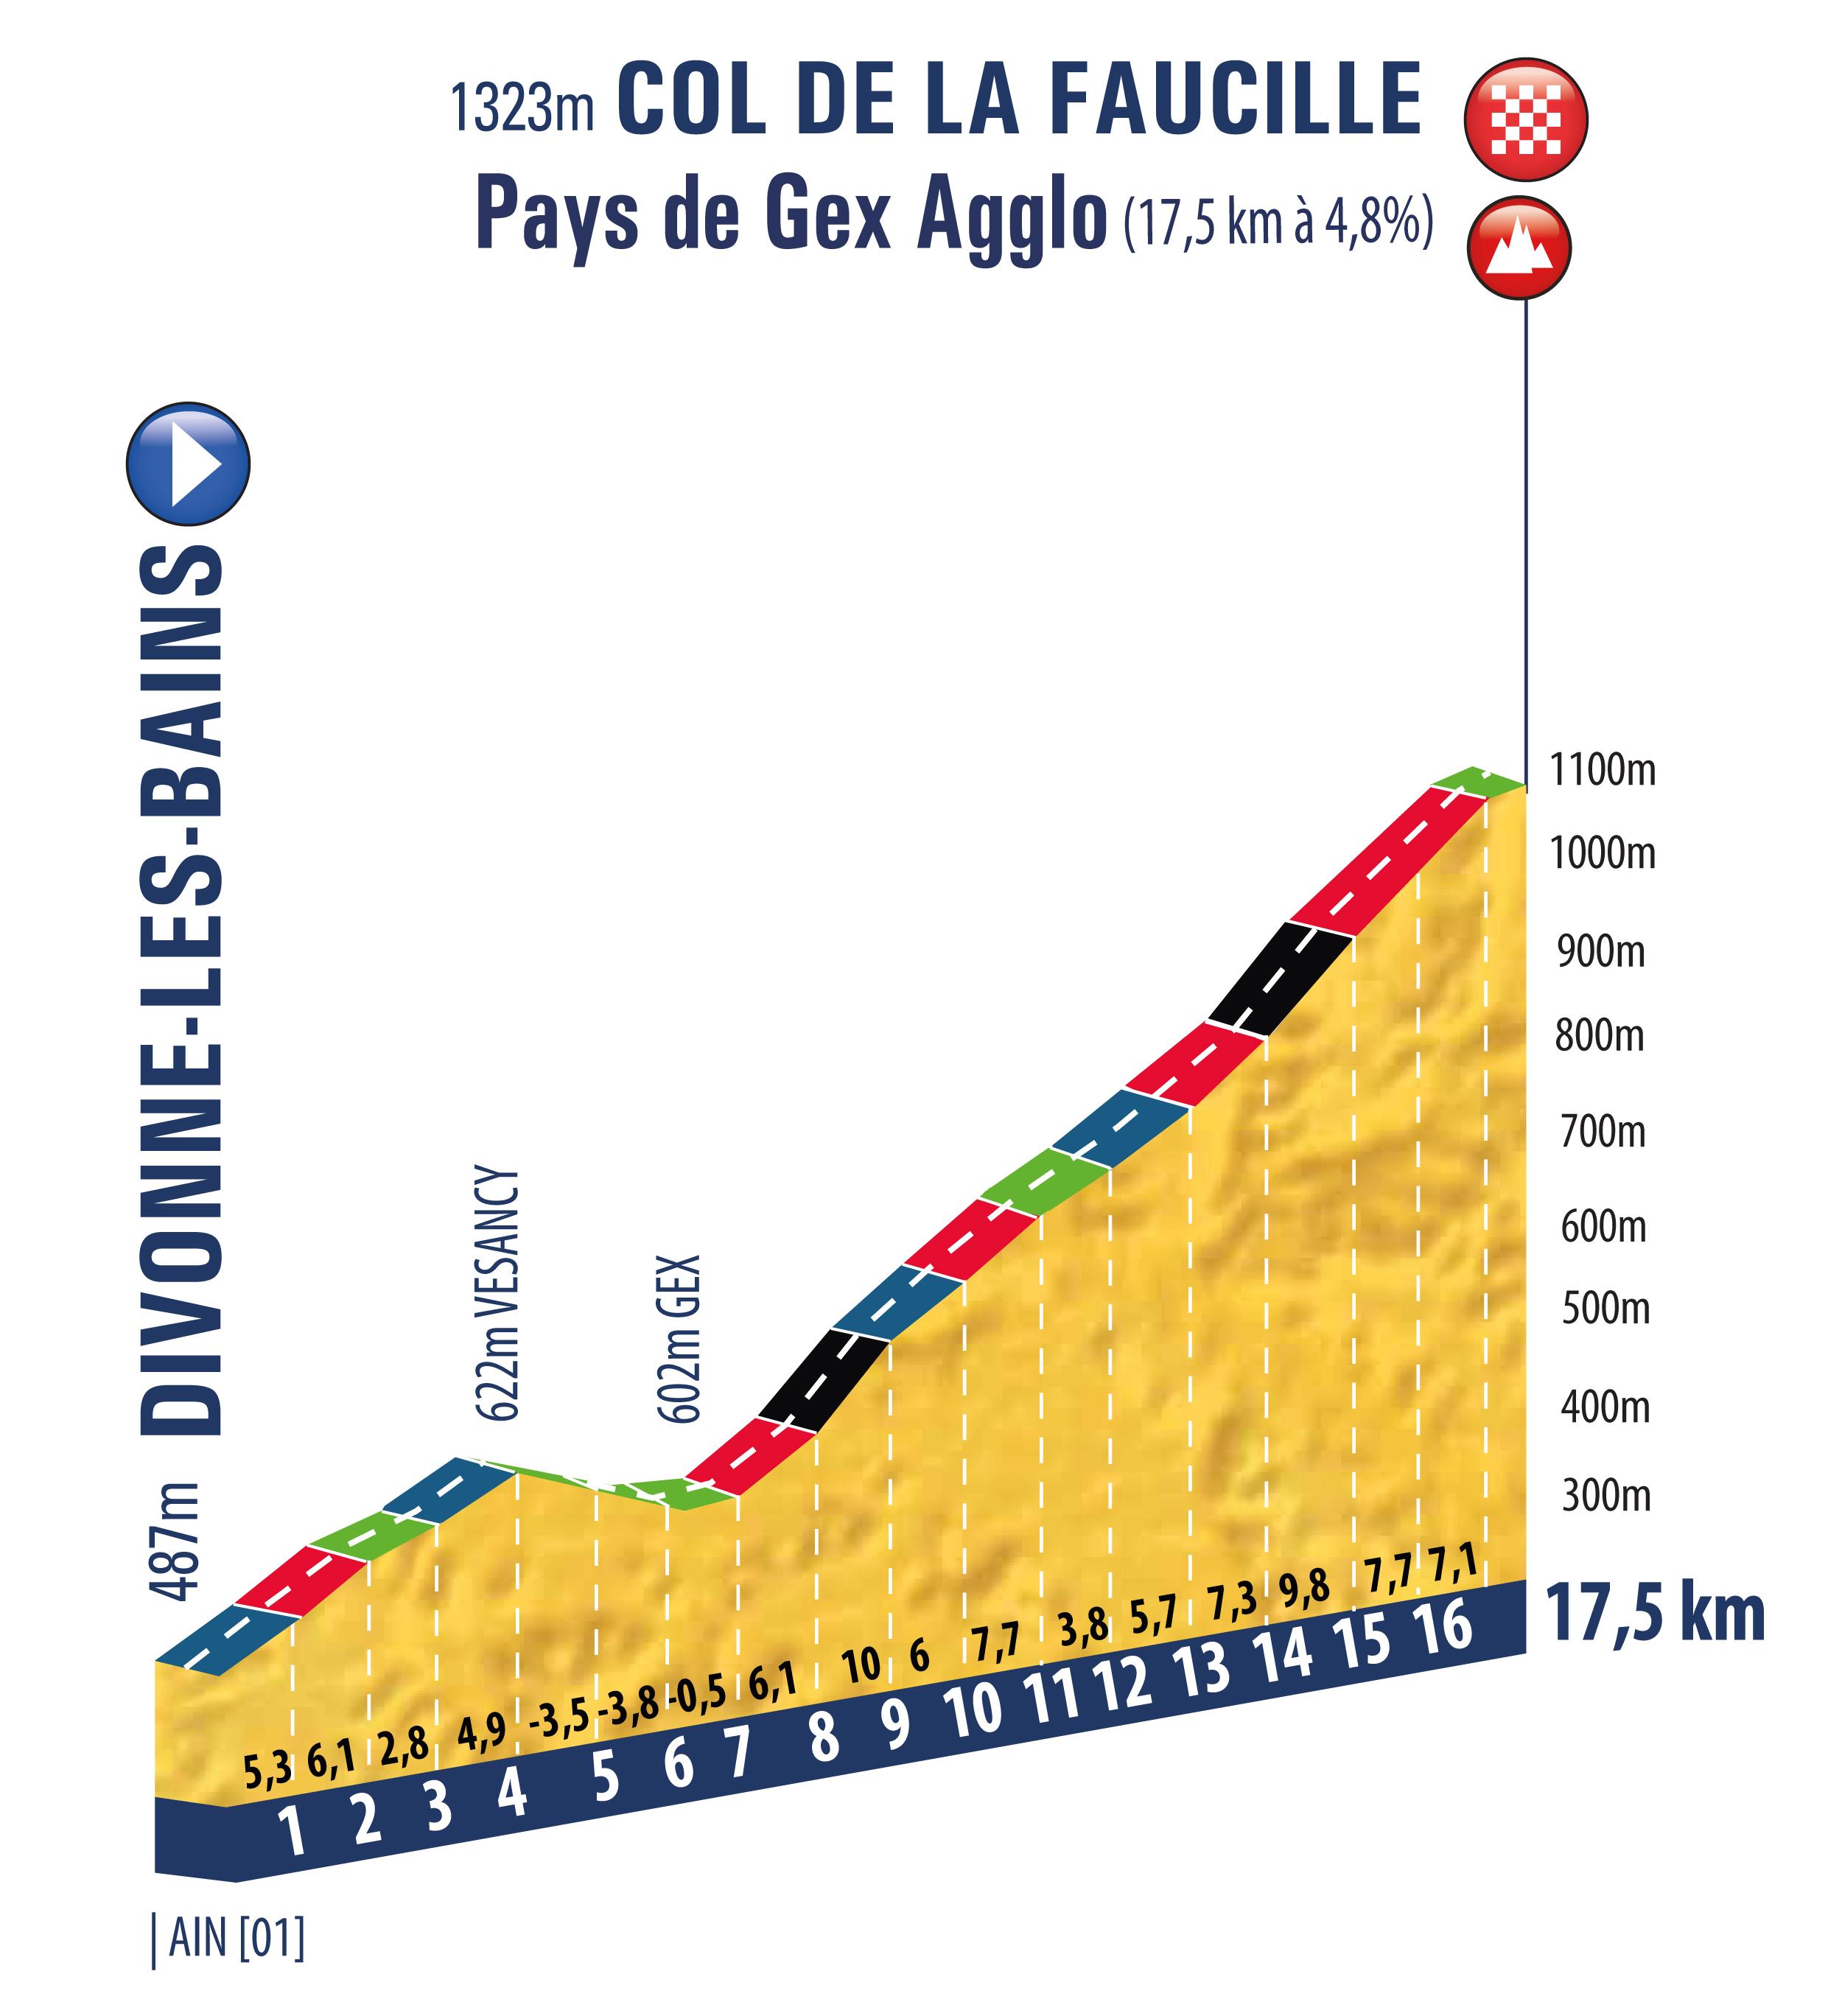 Divonne-les-Bains – Col de la Faucille. 17,5 km